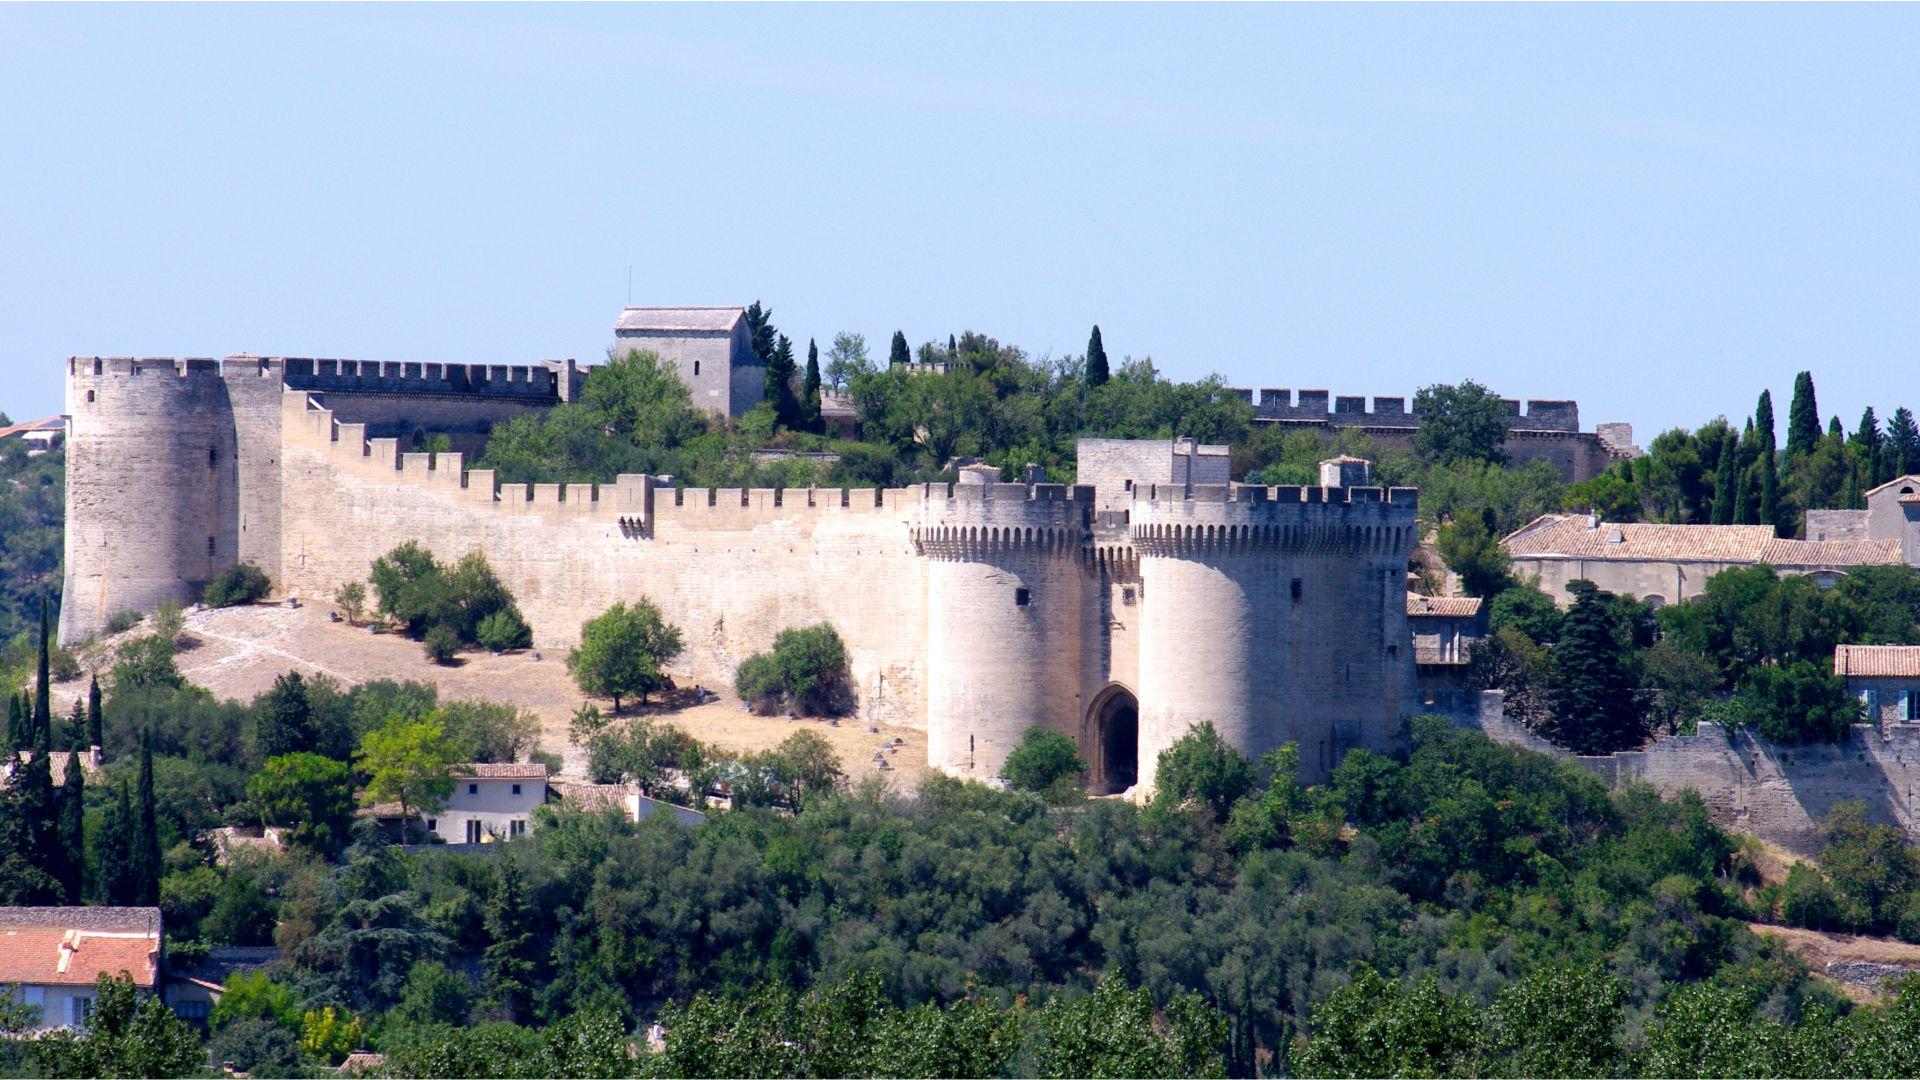 Fort Saint-André à Villeneuve-lès-Avignon